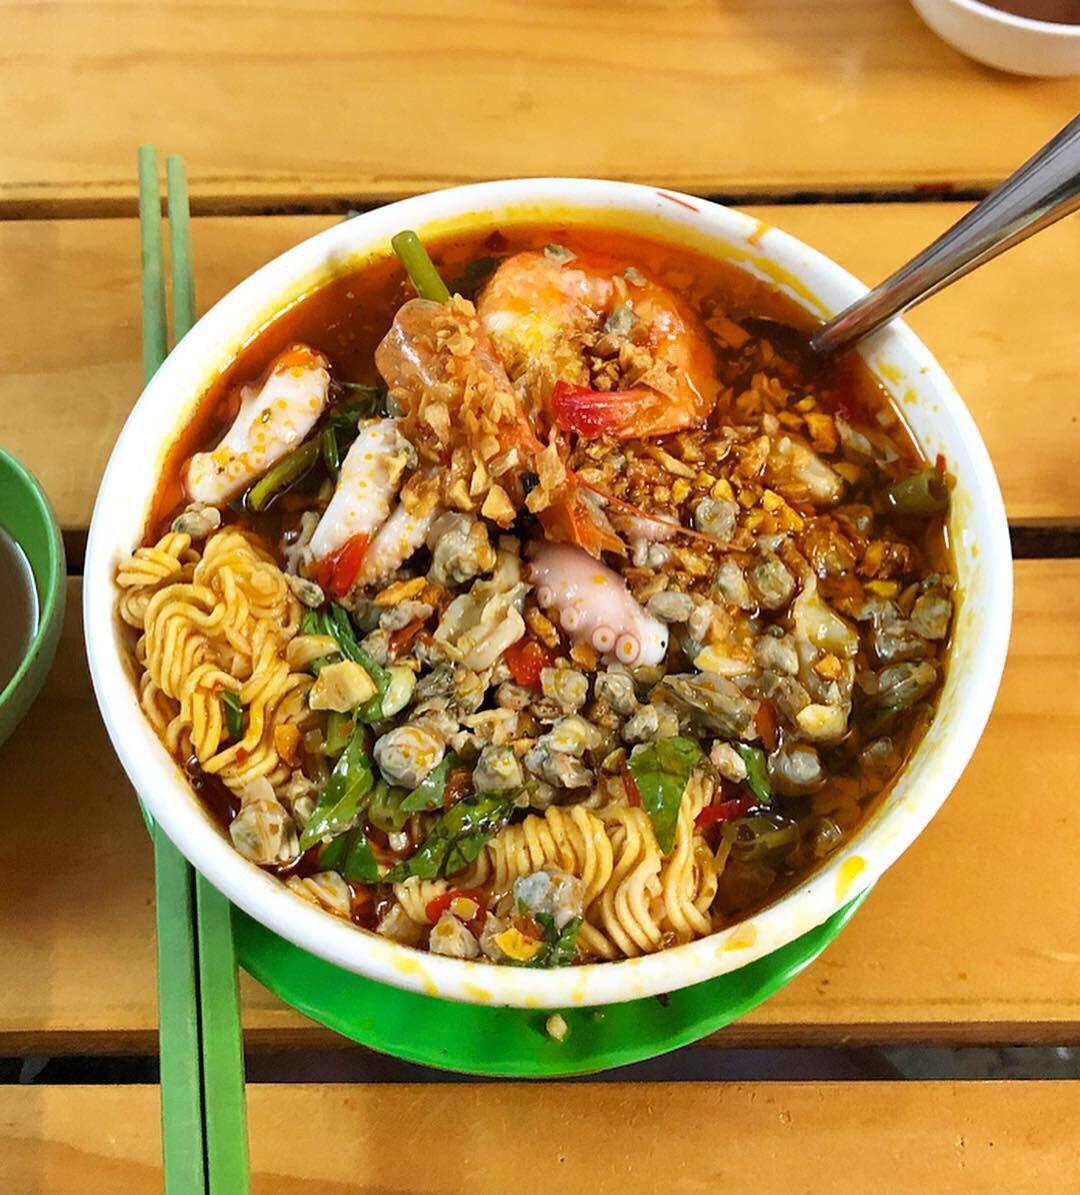 Mì ốc hến dì Lan - Top 4 món ăn ngon quận 4